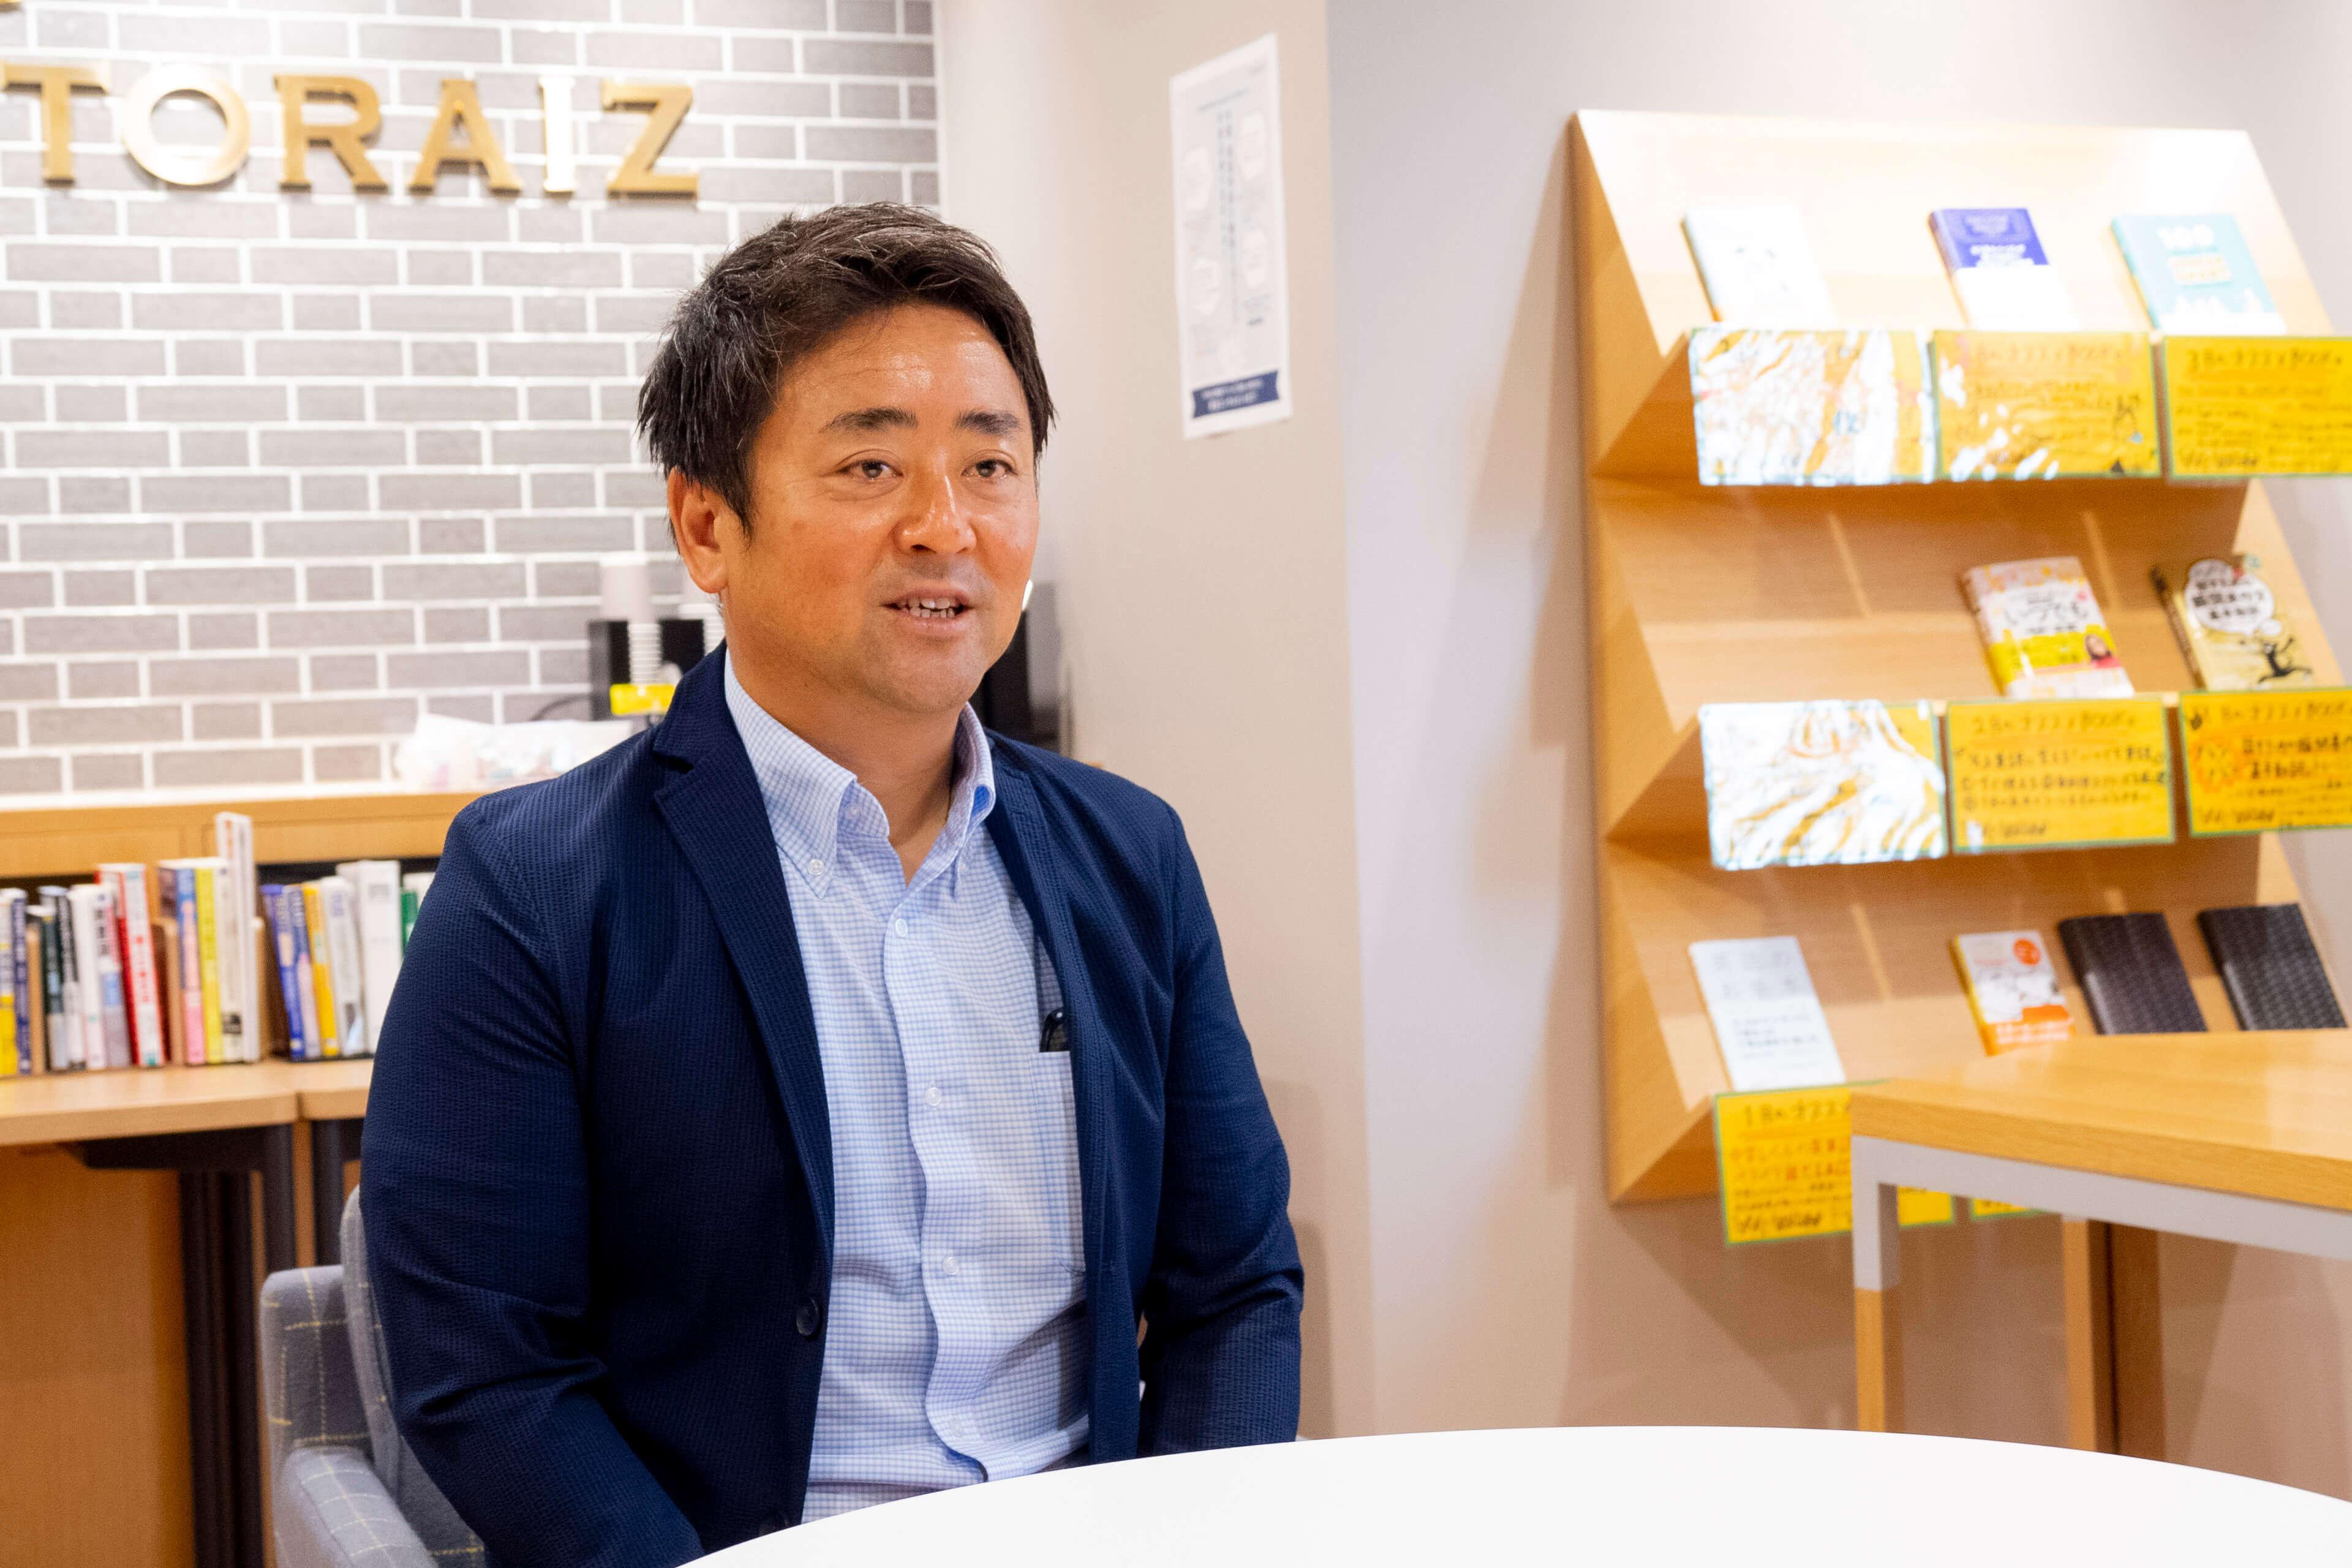 英語コーチング「トライズ」修了生プロキャディ杉澤伸章様 英語学習で感じた壁